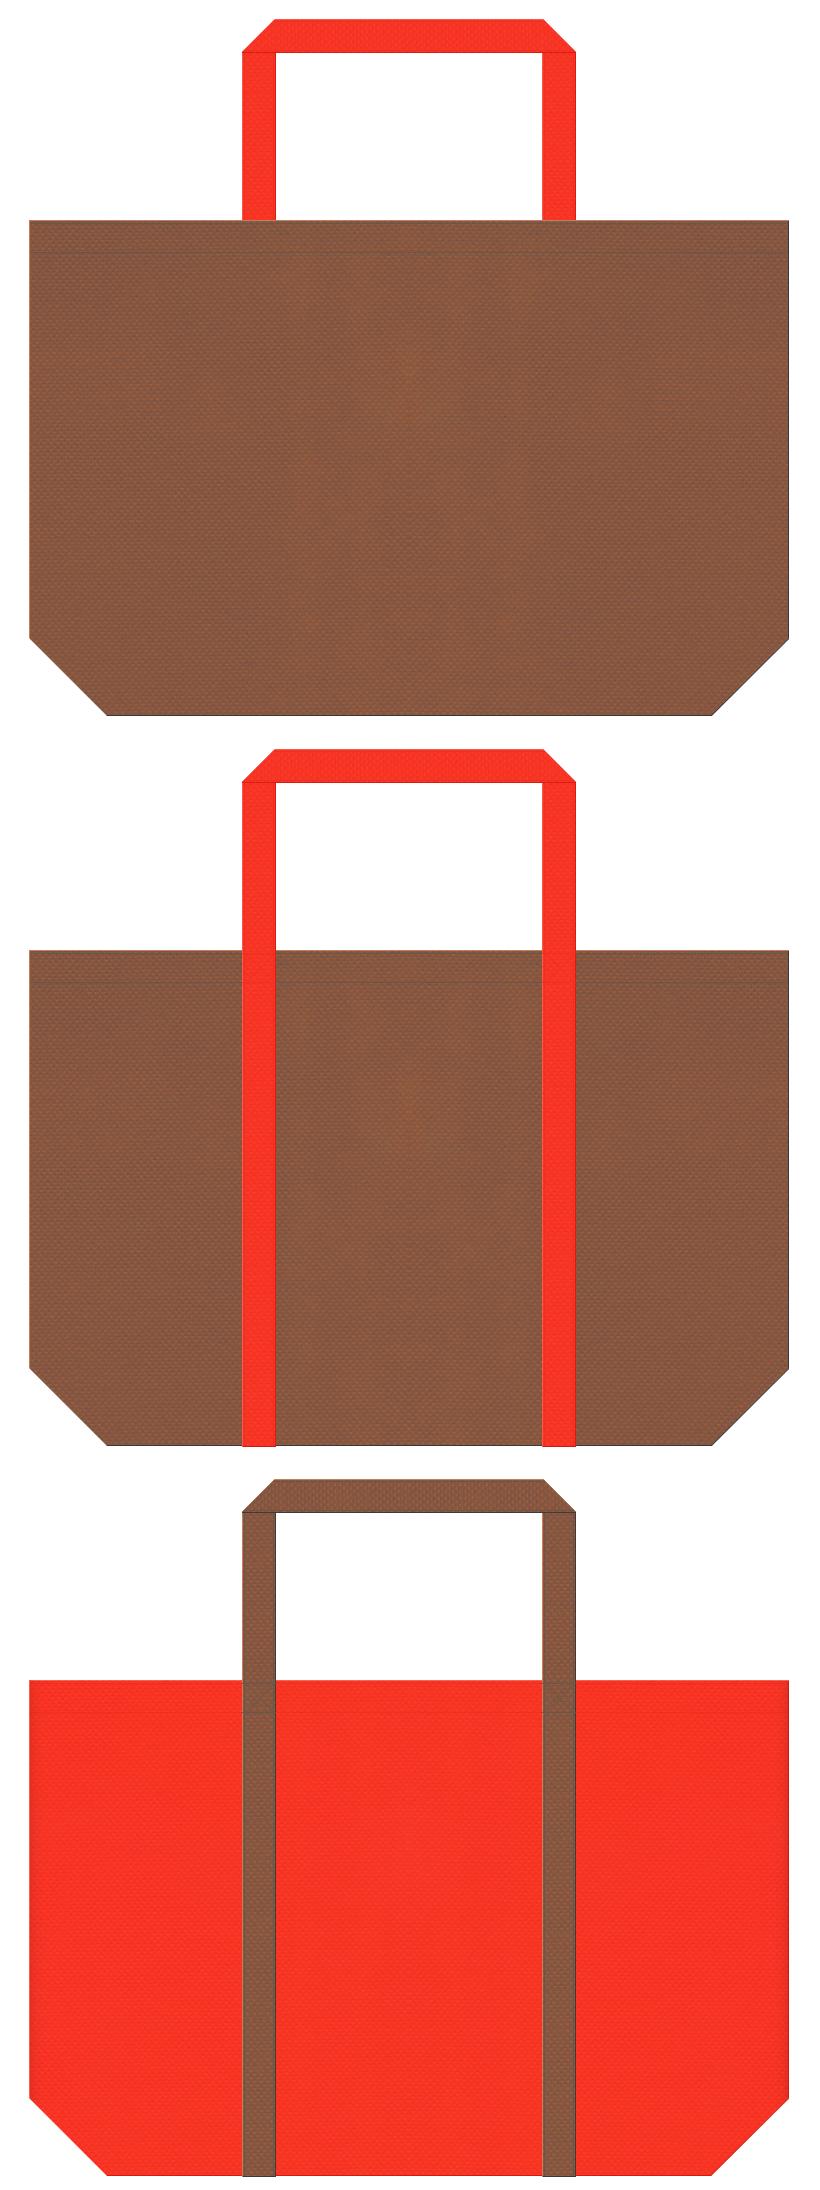 茶色とオレンジ色の不織布ショッピングバッグデザイン。オレンジチョコ風。